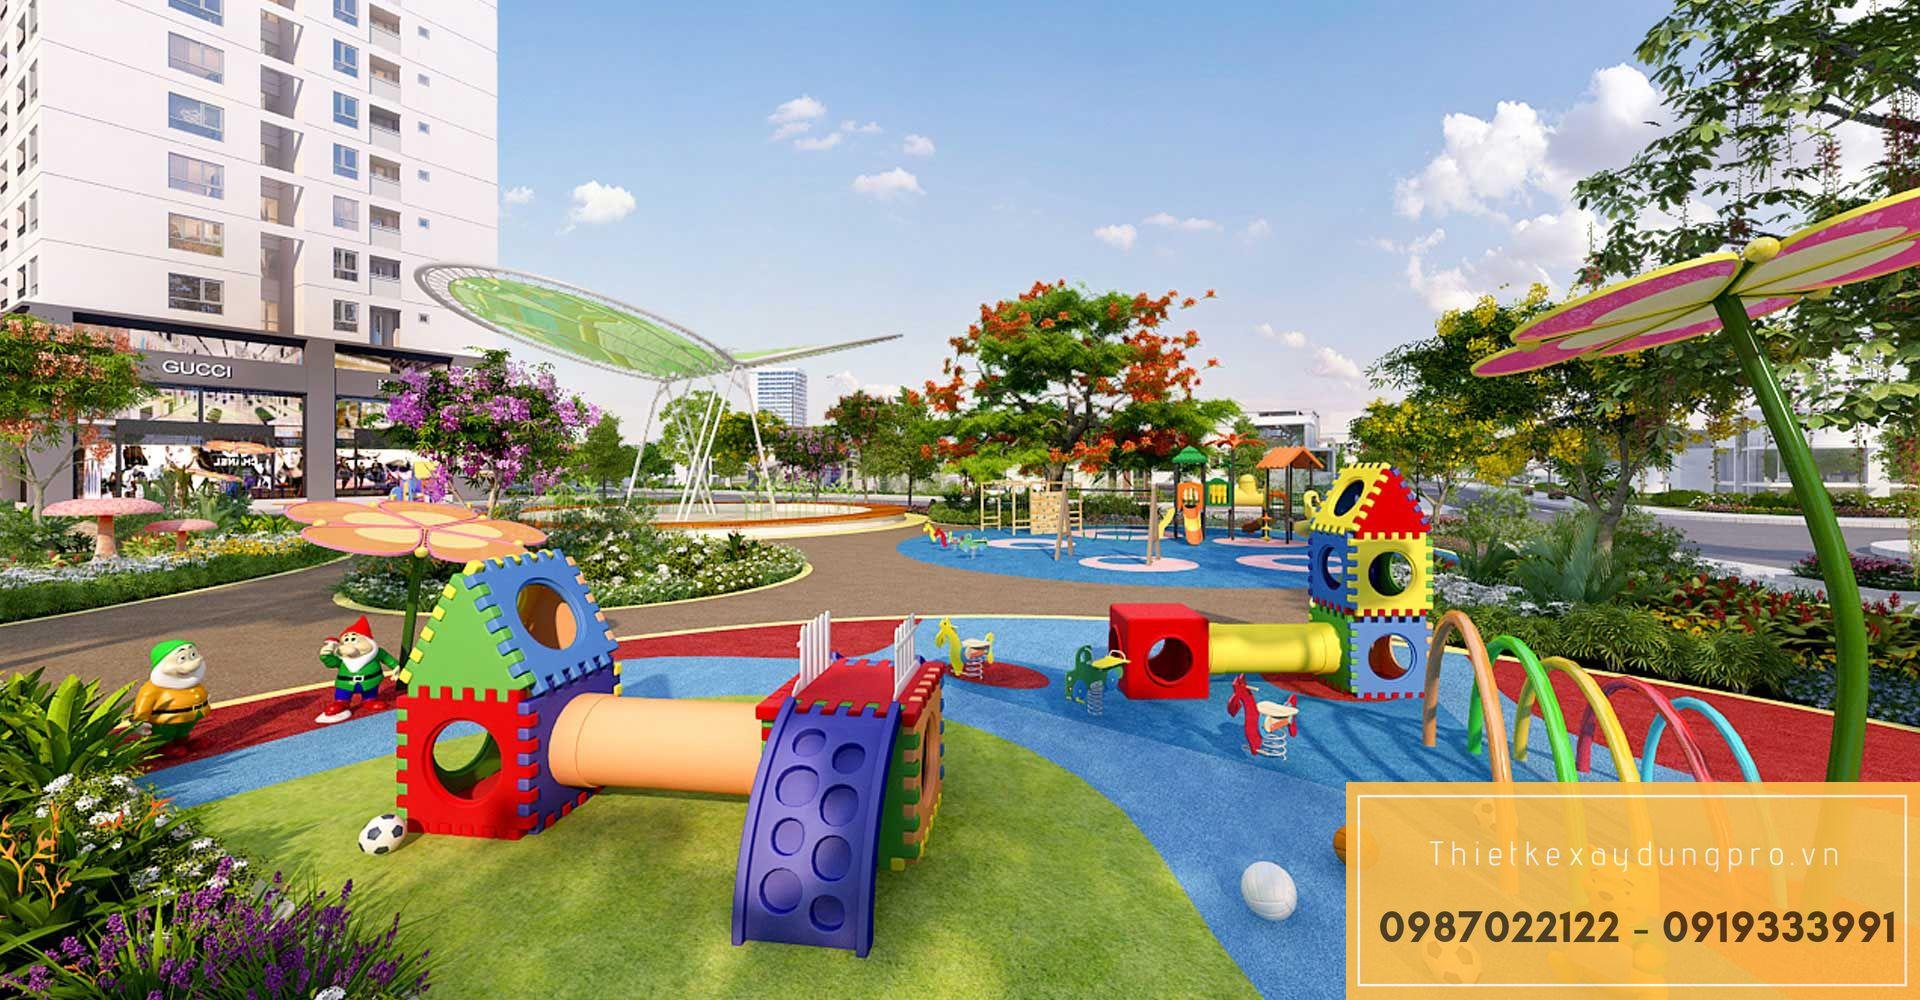 Thiết kế khu vui chơi trẻ em tại Thái Bình